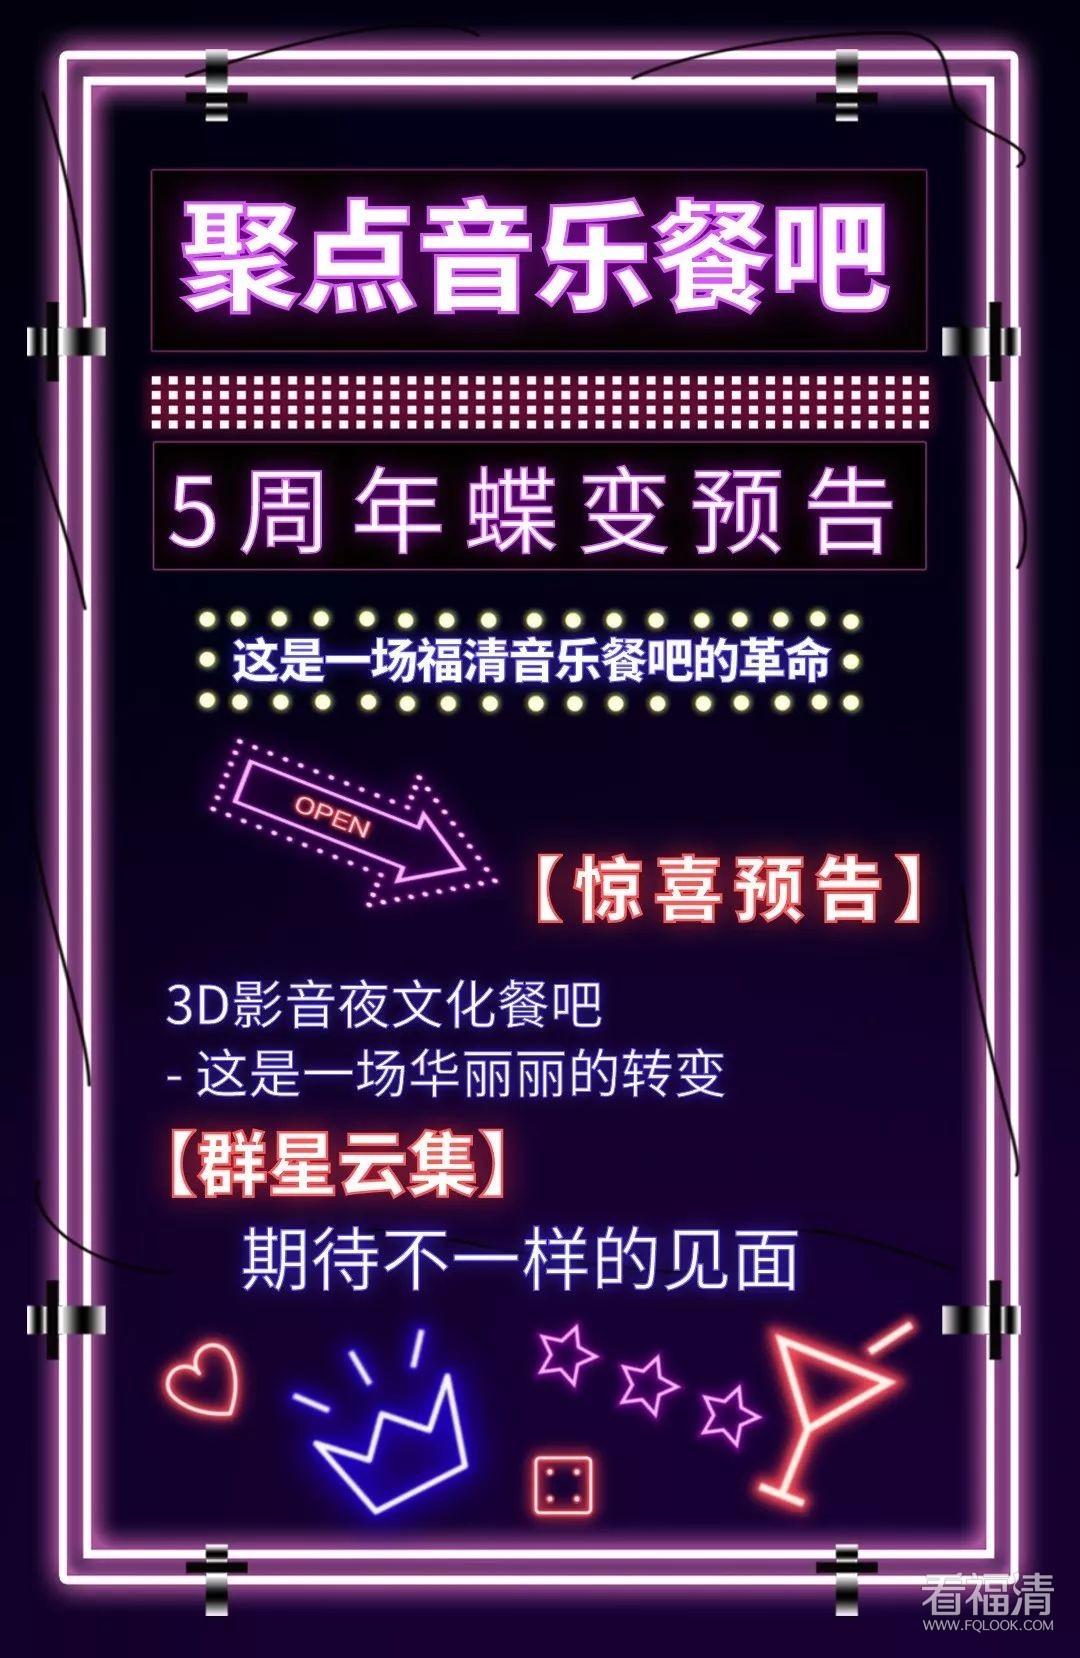 福清聚点音乐餐吧5周年庆典,又一波福利来袭!